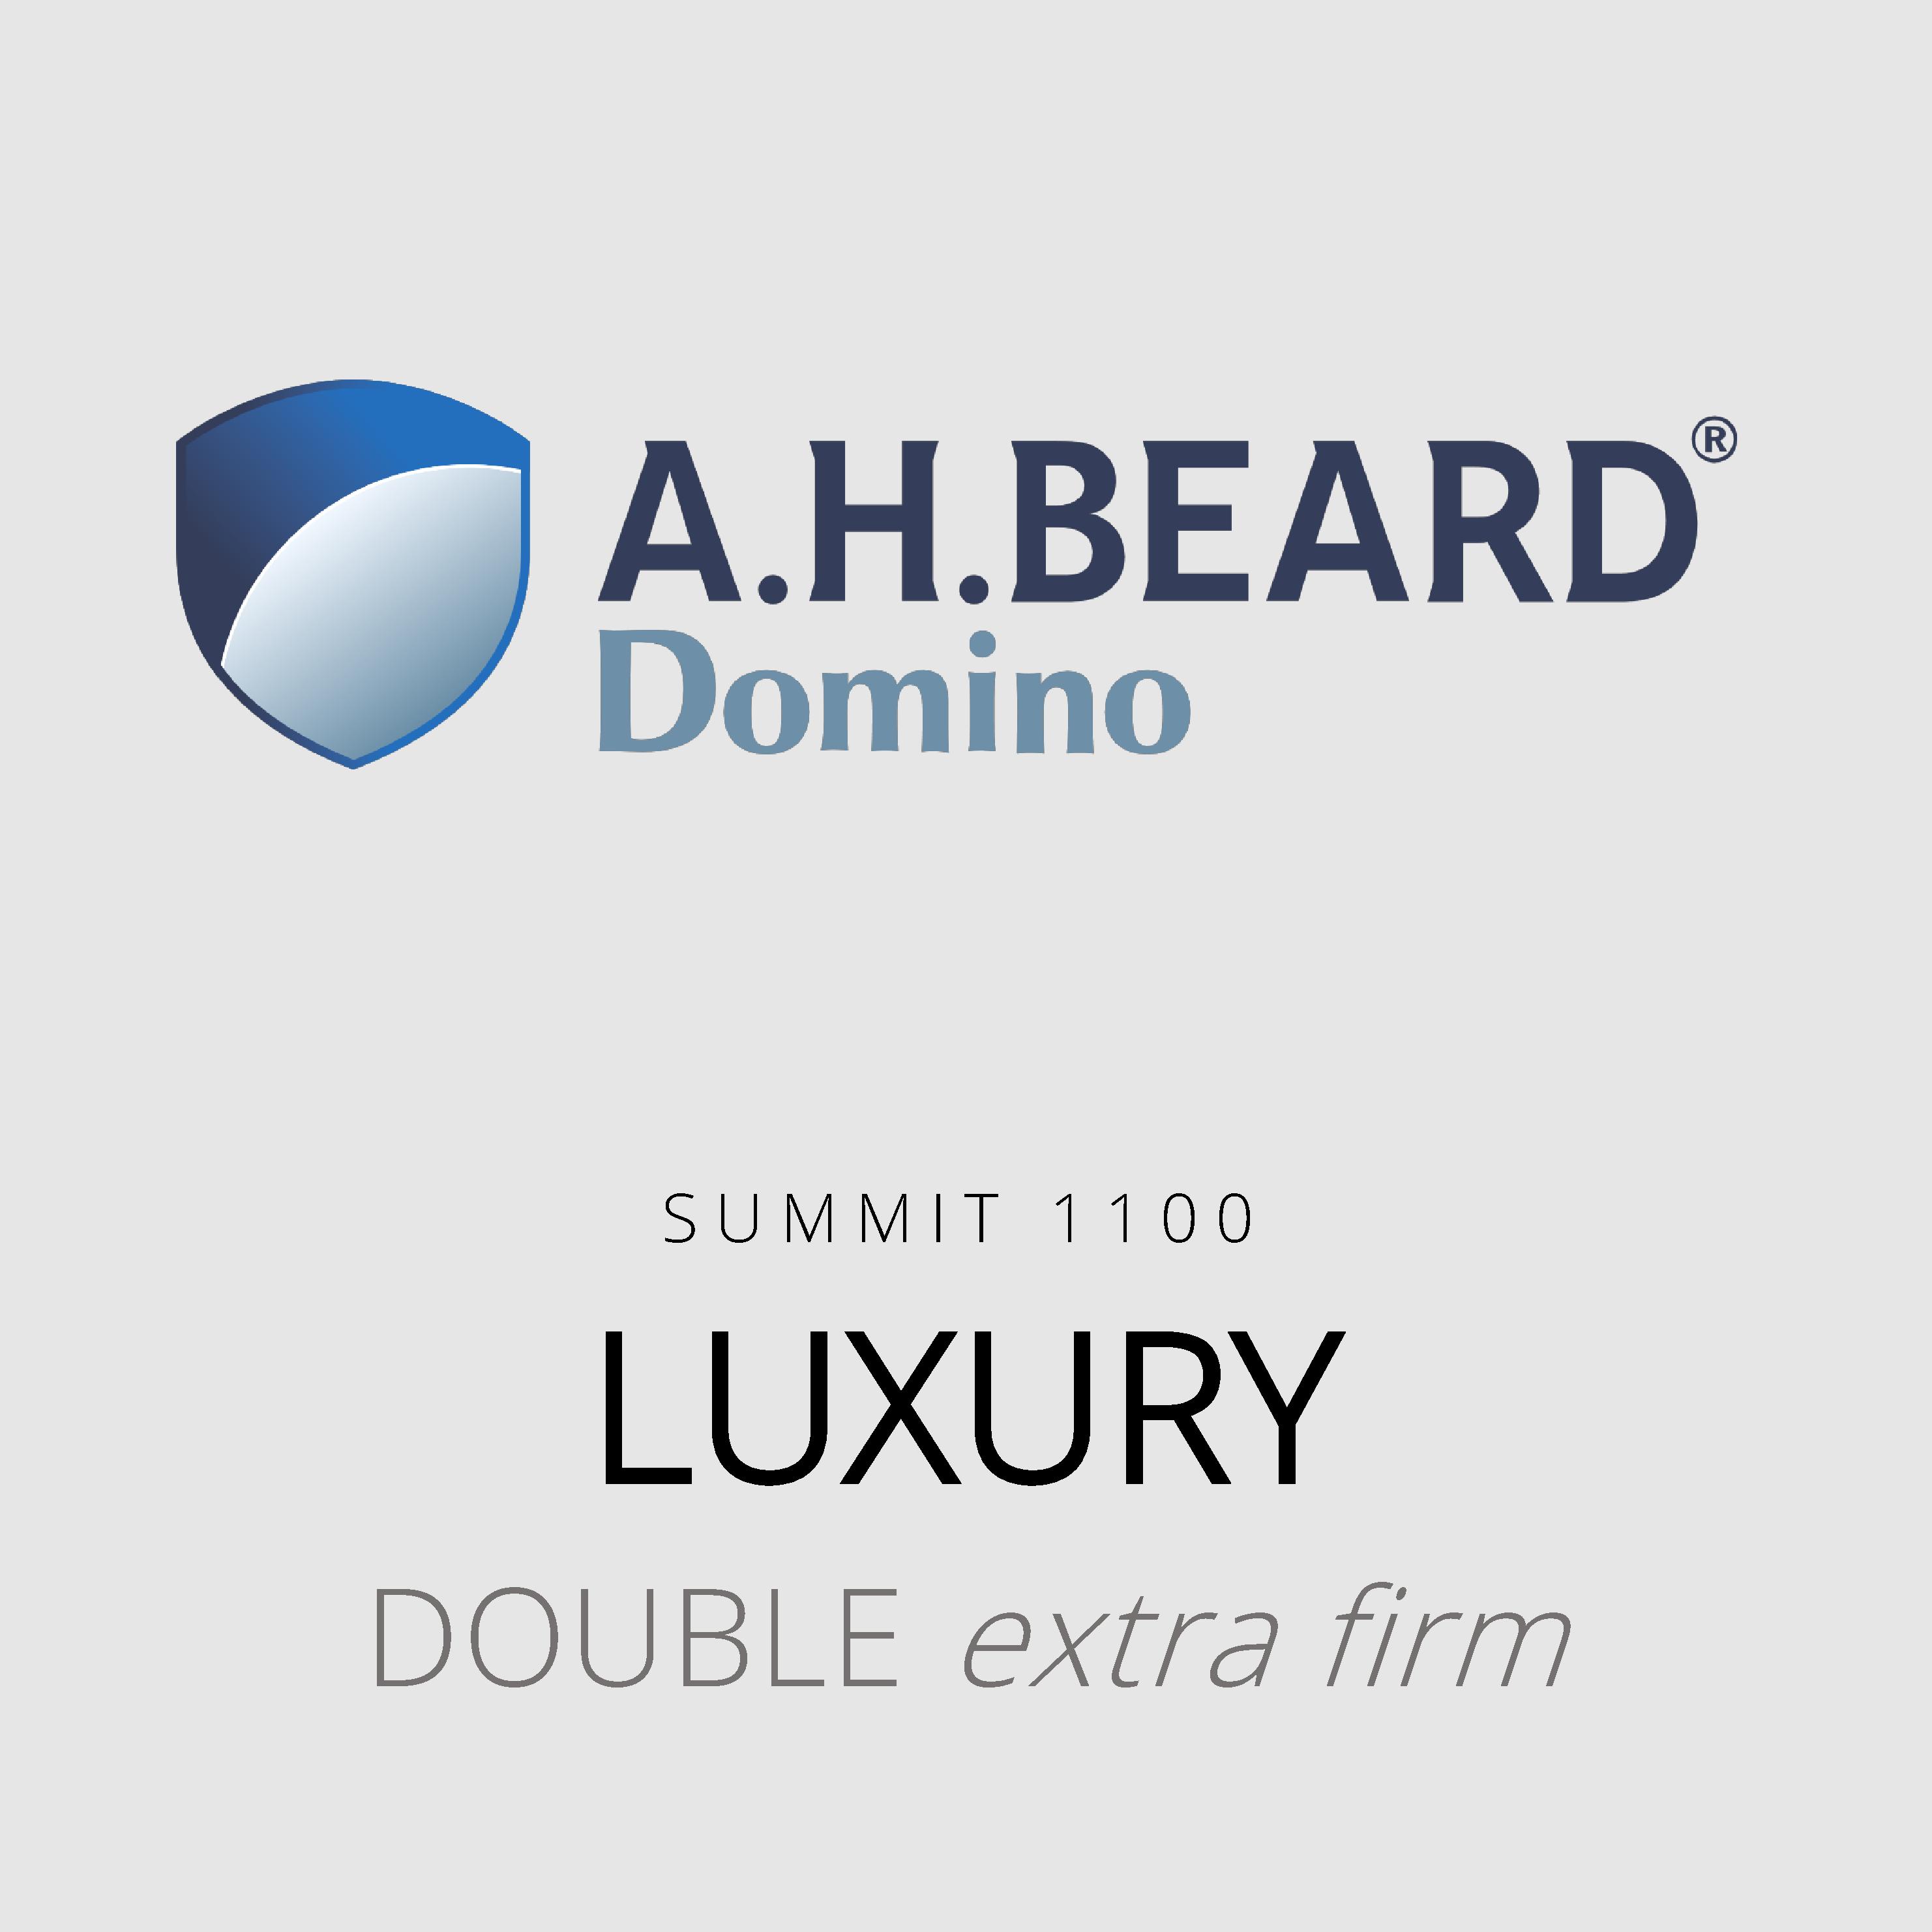 AH Beard Domino – Luxury – Summit 1100 – Double Extra Firm Mattress